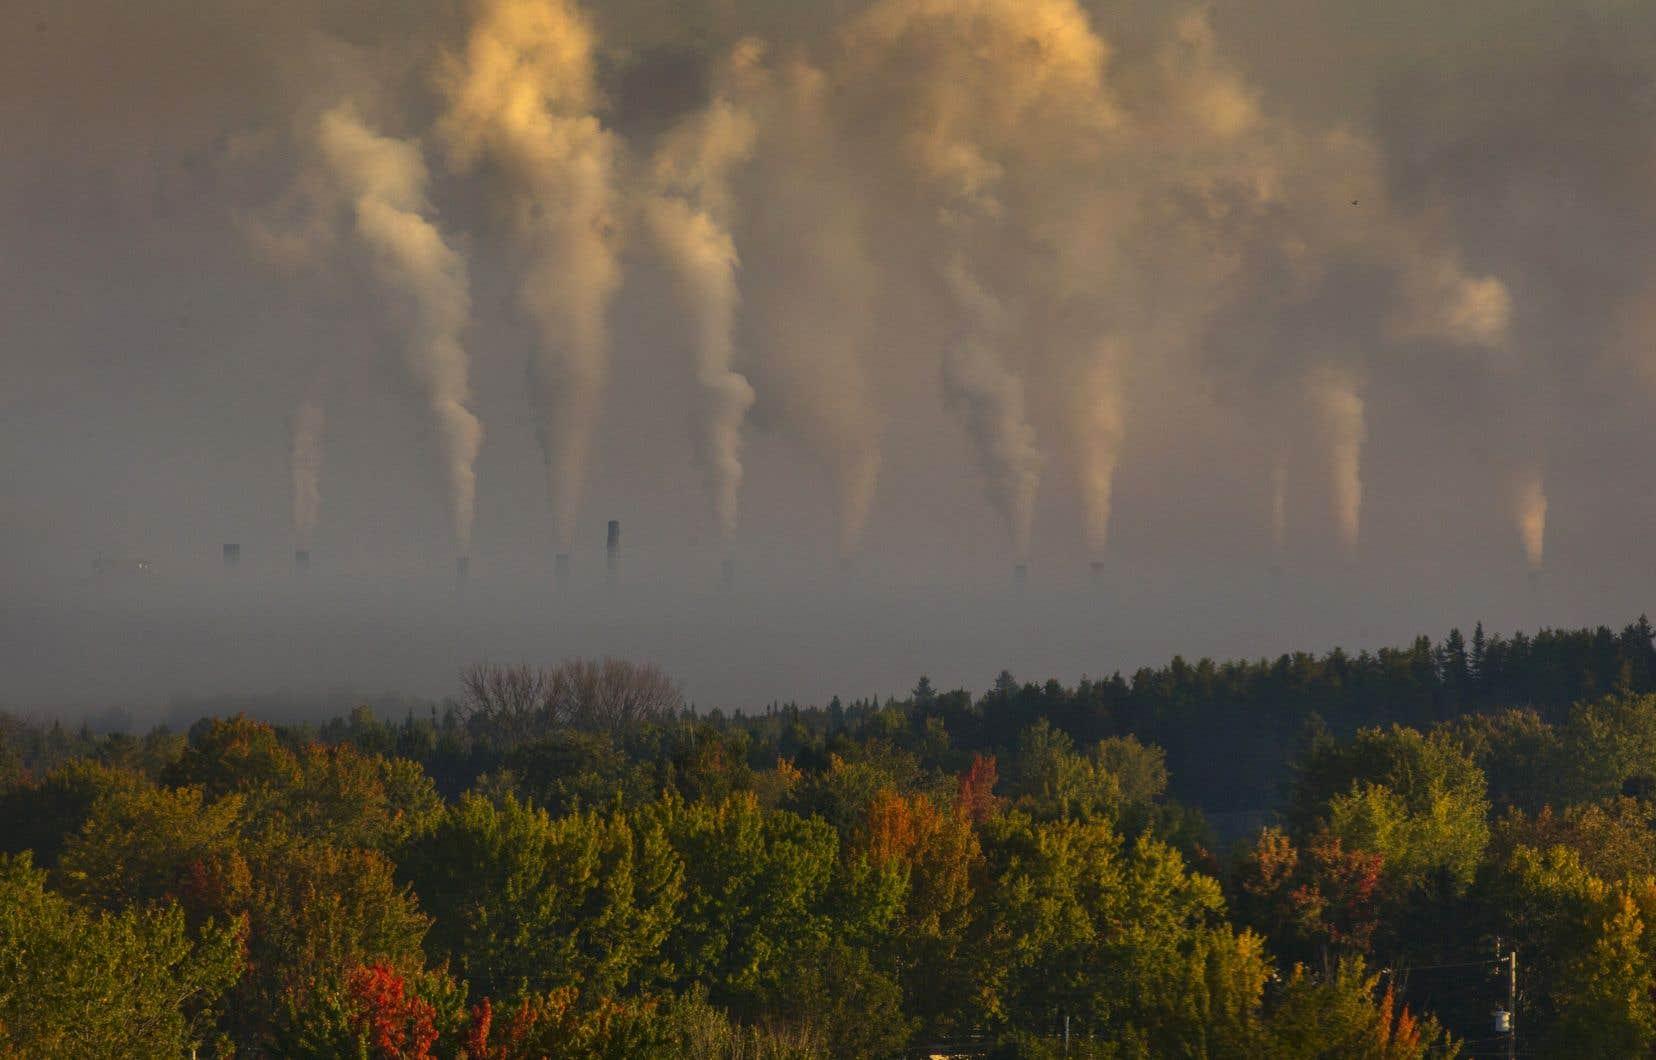 L'atmosphère continue de recevoir sans relâche chaque année les gigantesques émissions mondiales de dioxyde de carbone (CO2) et de méthane (CH4), entre autres gaz responsables de l'effet de serre.